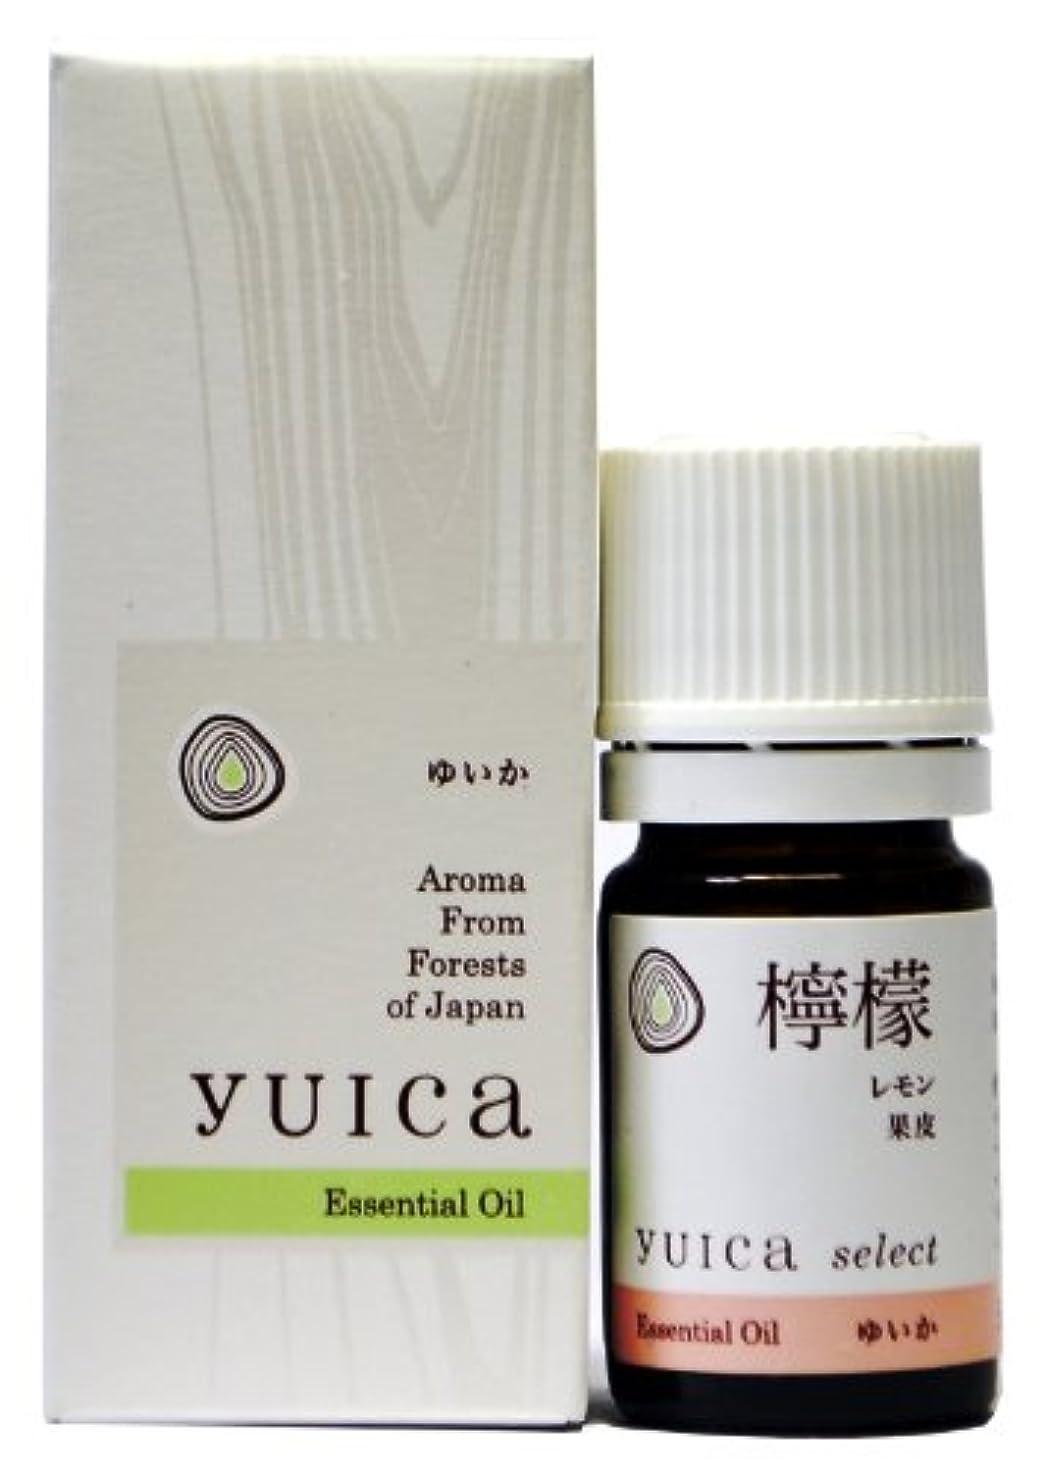 運搬物理学者例示するyuica select エッセンシャルオイル レモン(果皮部) 5mL